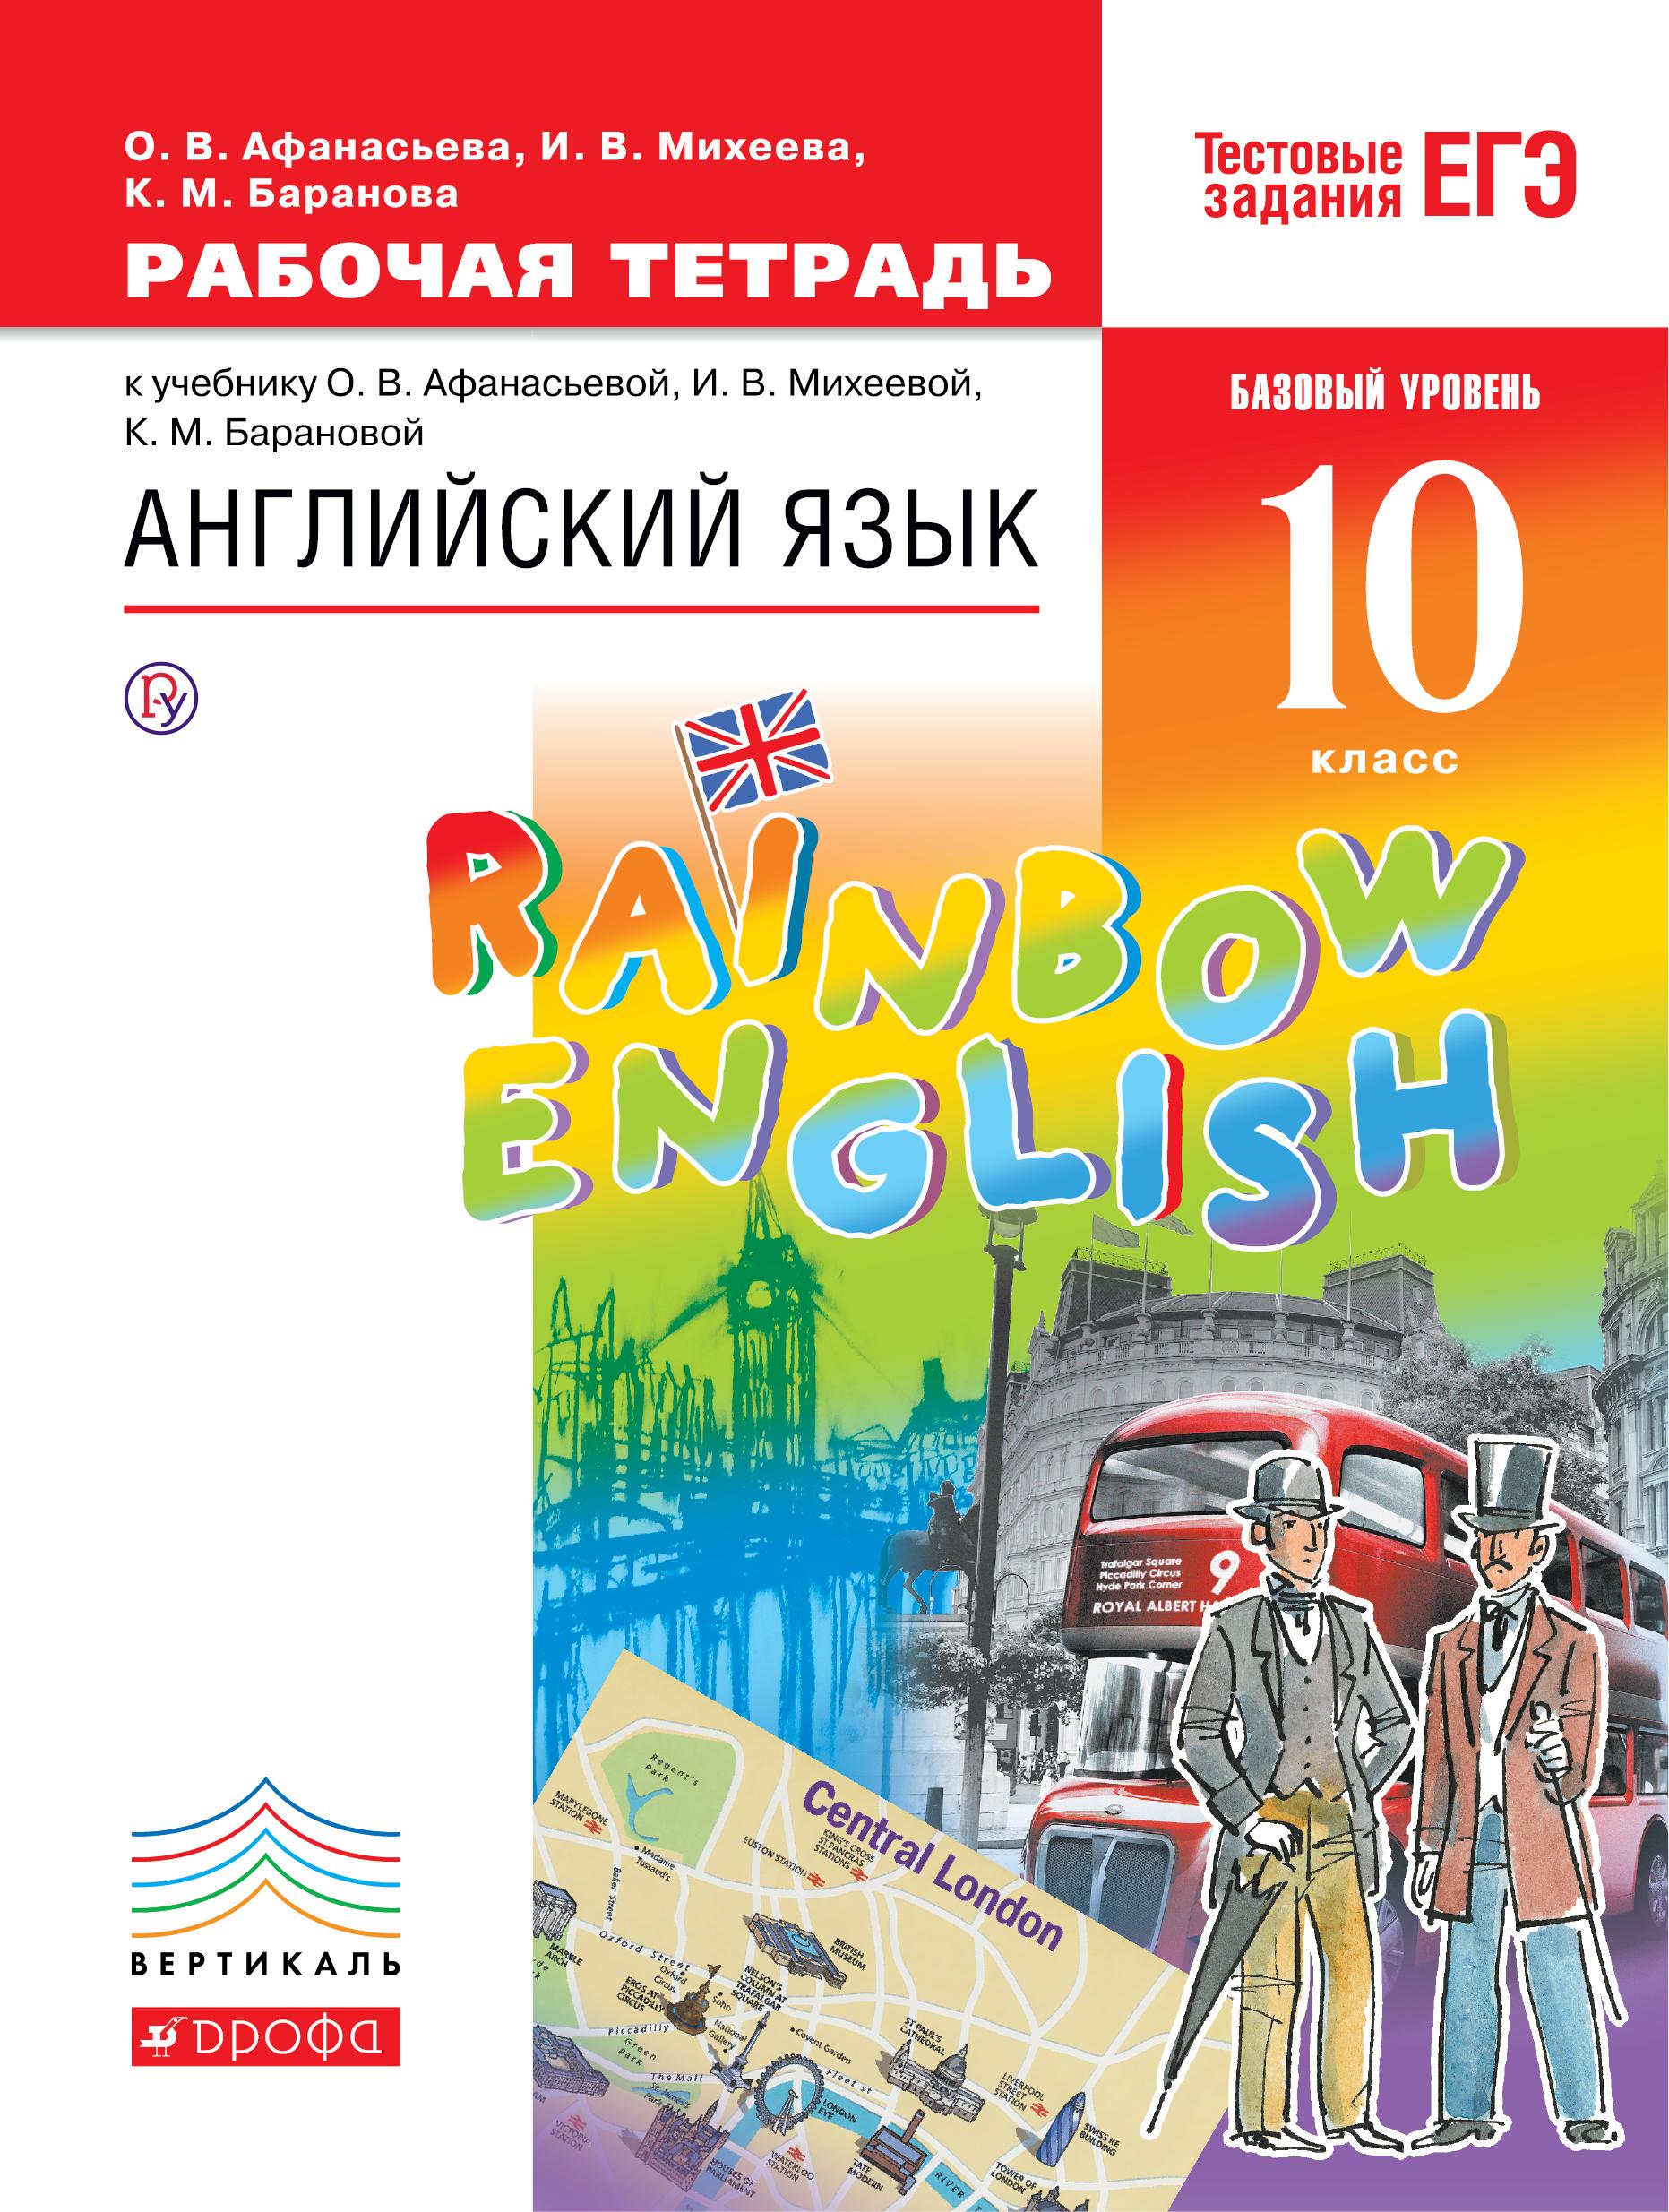 Английский язык. Базовый уровень. 10 класс. Рабочая тетрадь ( Афанасьева О.В., Михеева И.В., Баранова К.М.  )